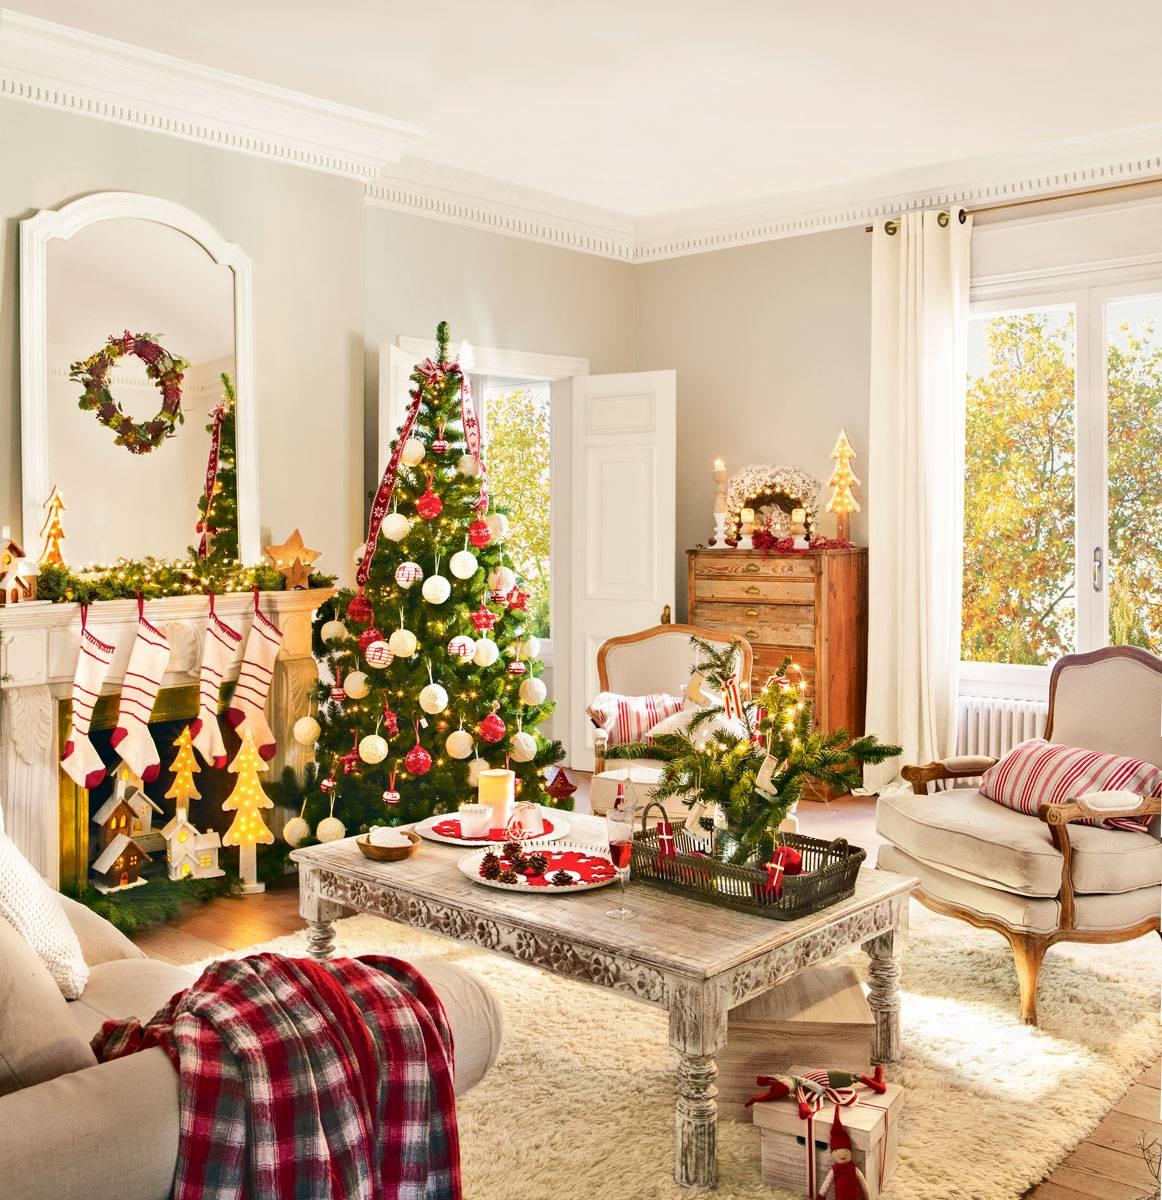 arbol de navidad junto chimenea con calcetines 394990 73b7af3d 1162x1200 1 - Estilos decorativos navideños